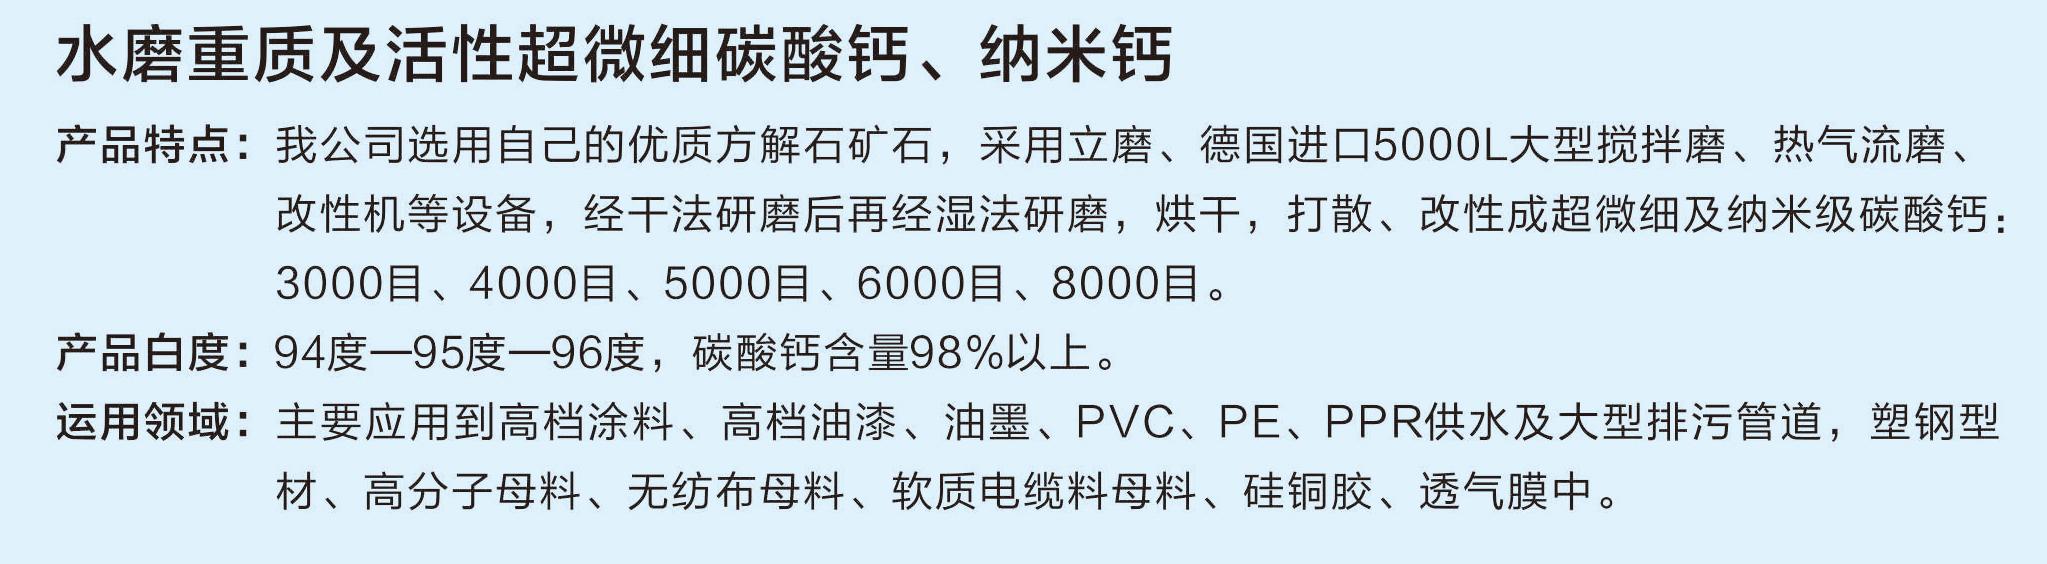 活性纳米碳酸钙批发